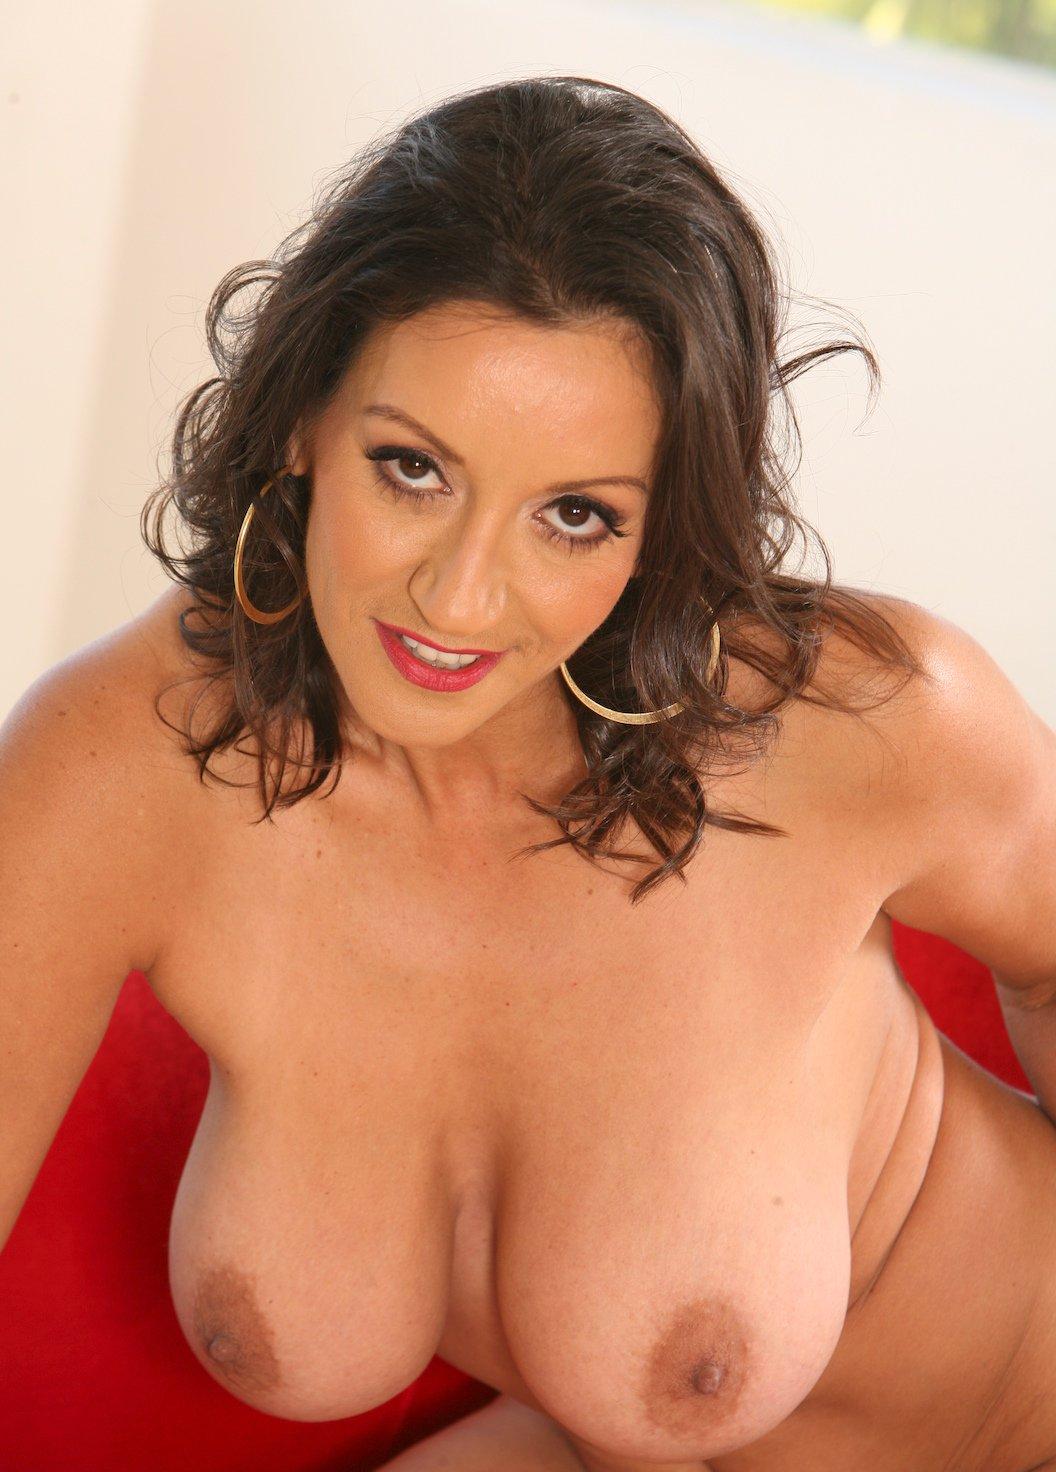 huge tits aussie porn